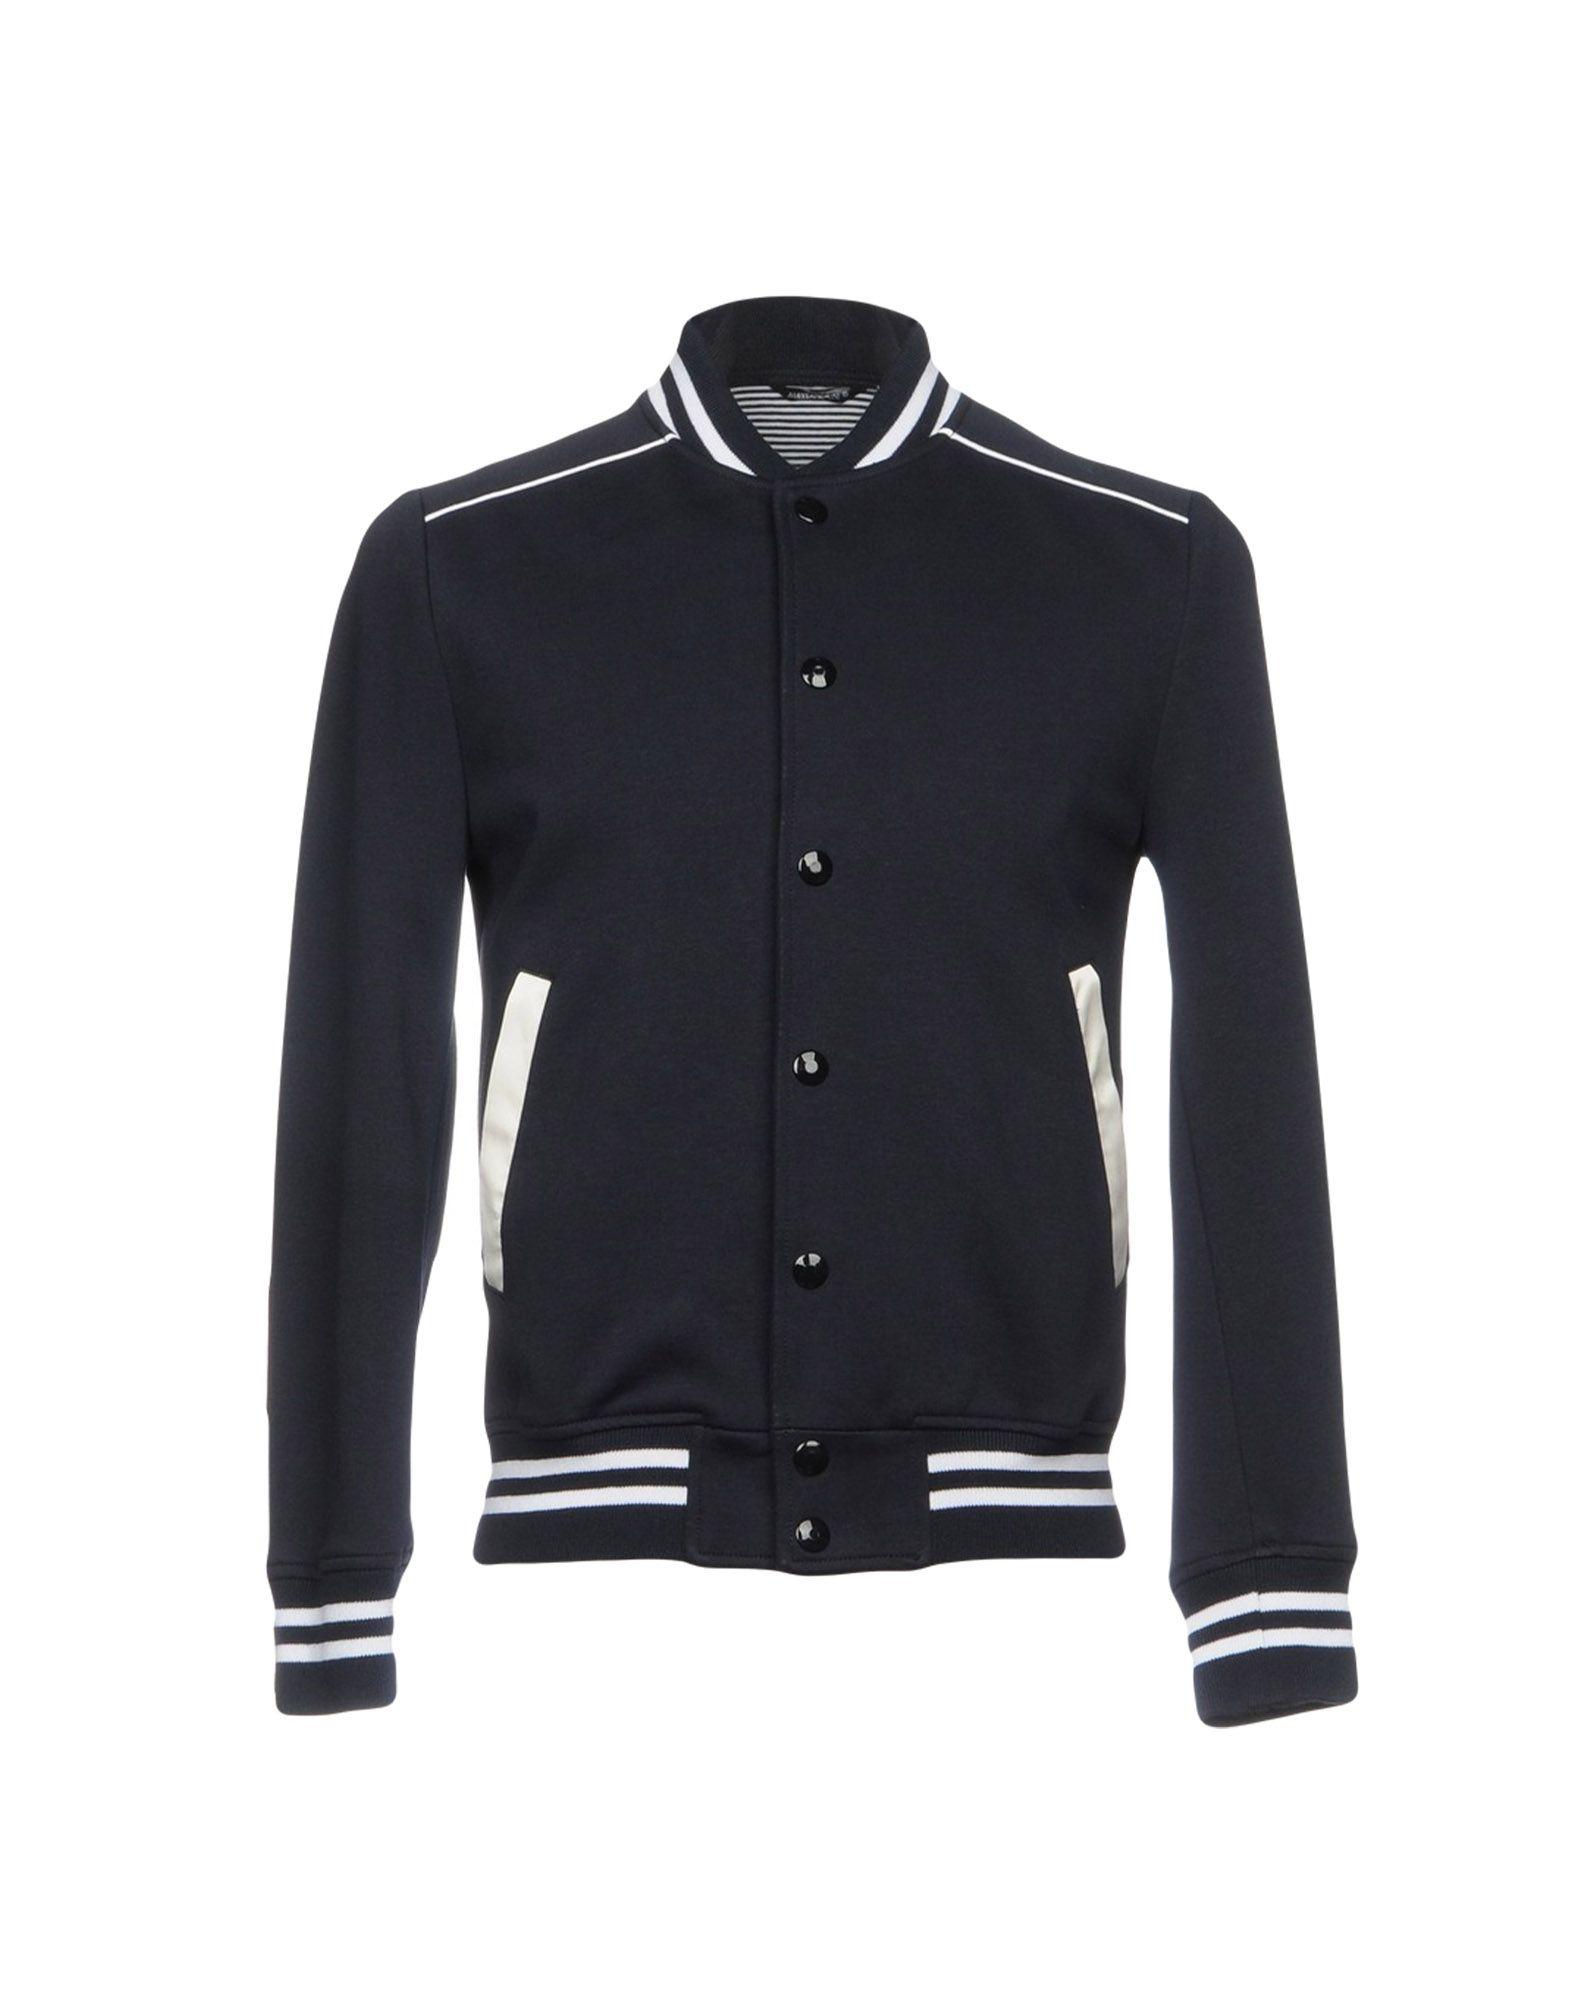 GREY DANIELE ALESSANDRINI Herren Sweatshirt Farbe Dunkelblau Größe 3 jetztbilligerkaufen